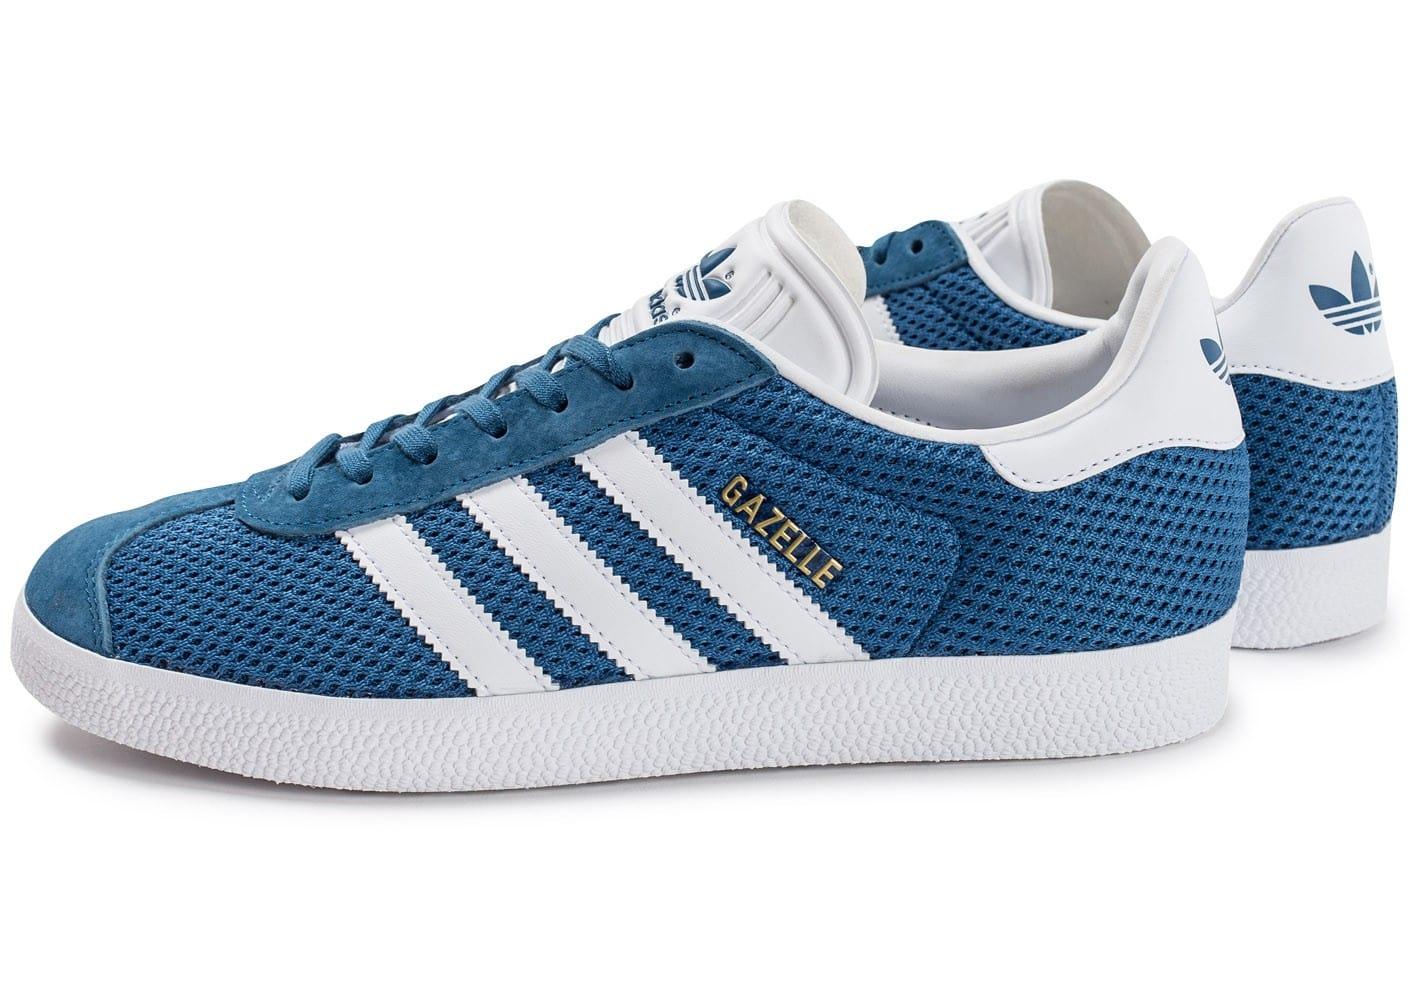 adidas homme chaussures bleu